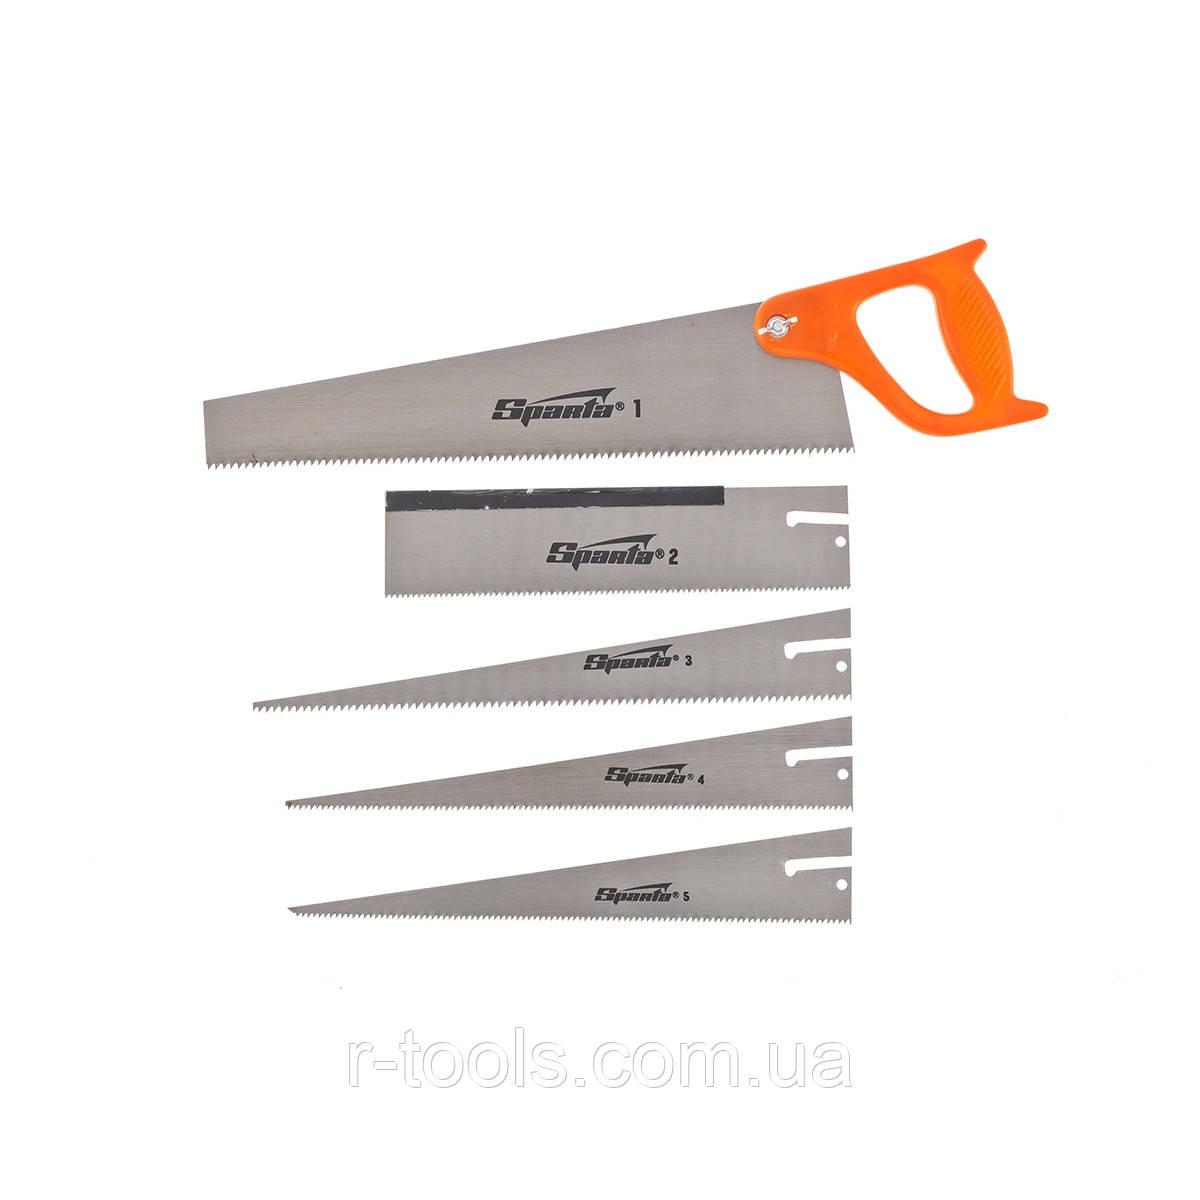 Ножовка по дереву 350 мм 5 сменных полотен пластиковая рукоятка SPARTA 231255